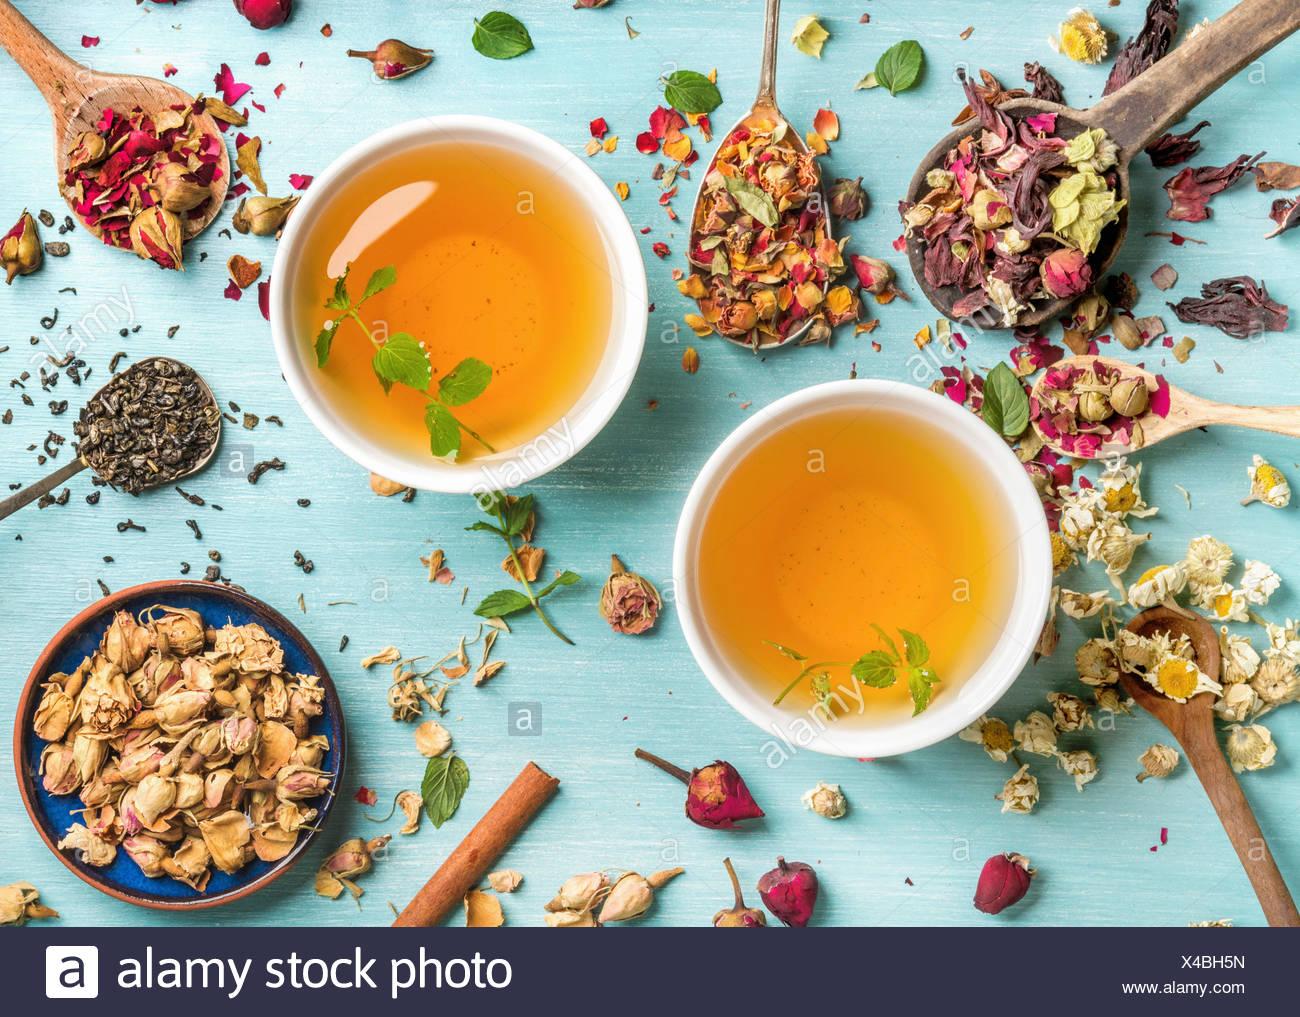 Dos tazas de té de hierbas saludables con menta, canela, rosa y flores secas de manzanilla en cucharas sobre fondo azul, vista superior Foto de stock